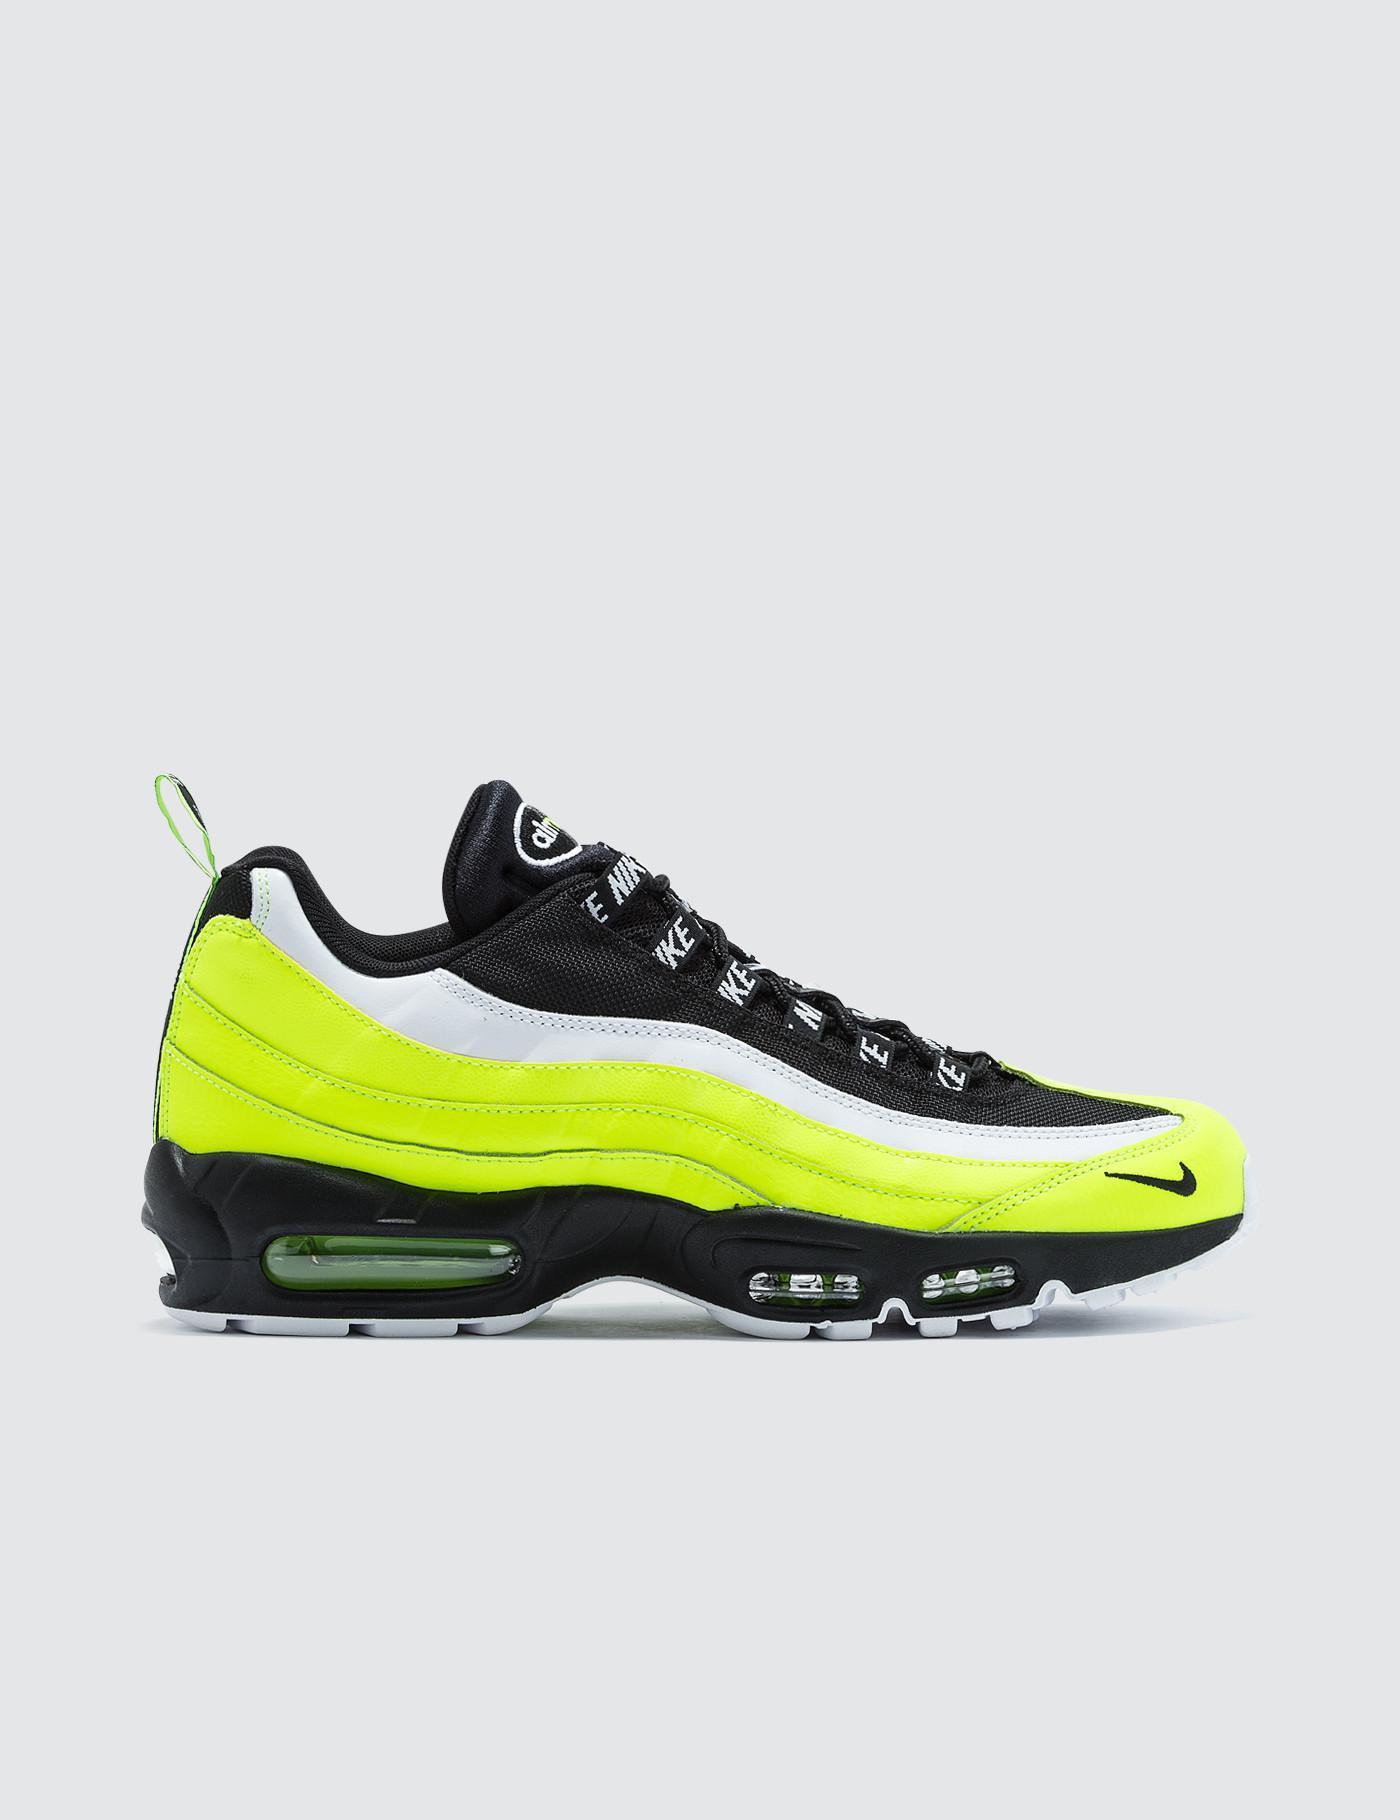 97bdb05923cd Lyst - Nike Air Max 95 Premium in Yellow for Men